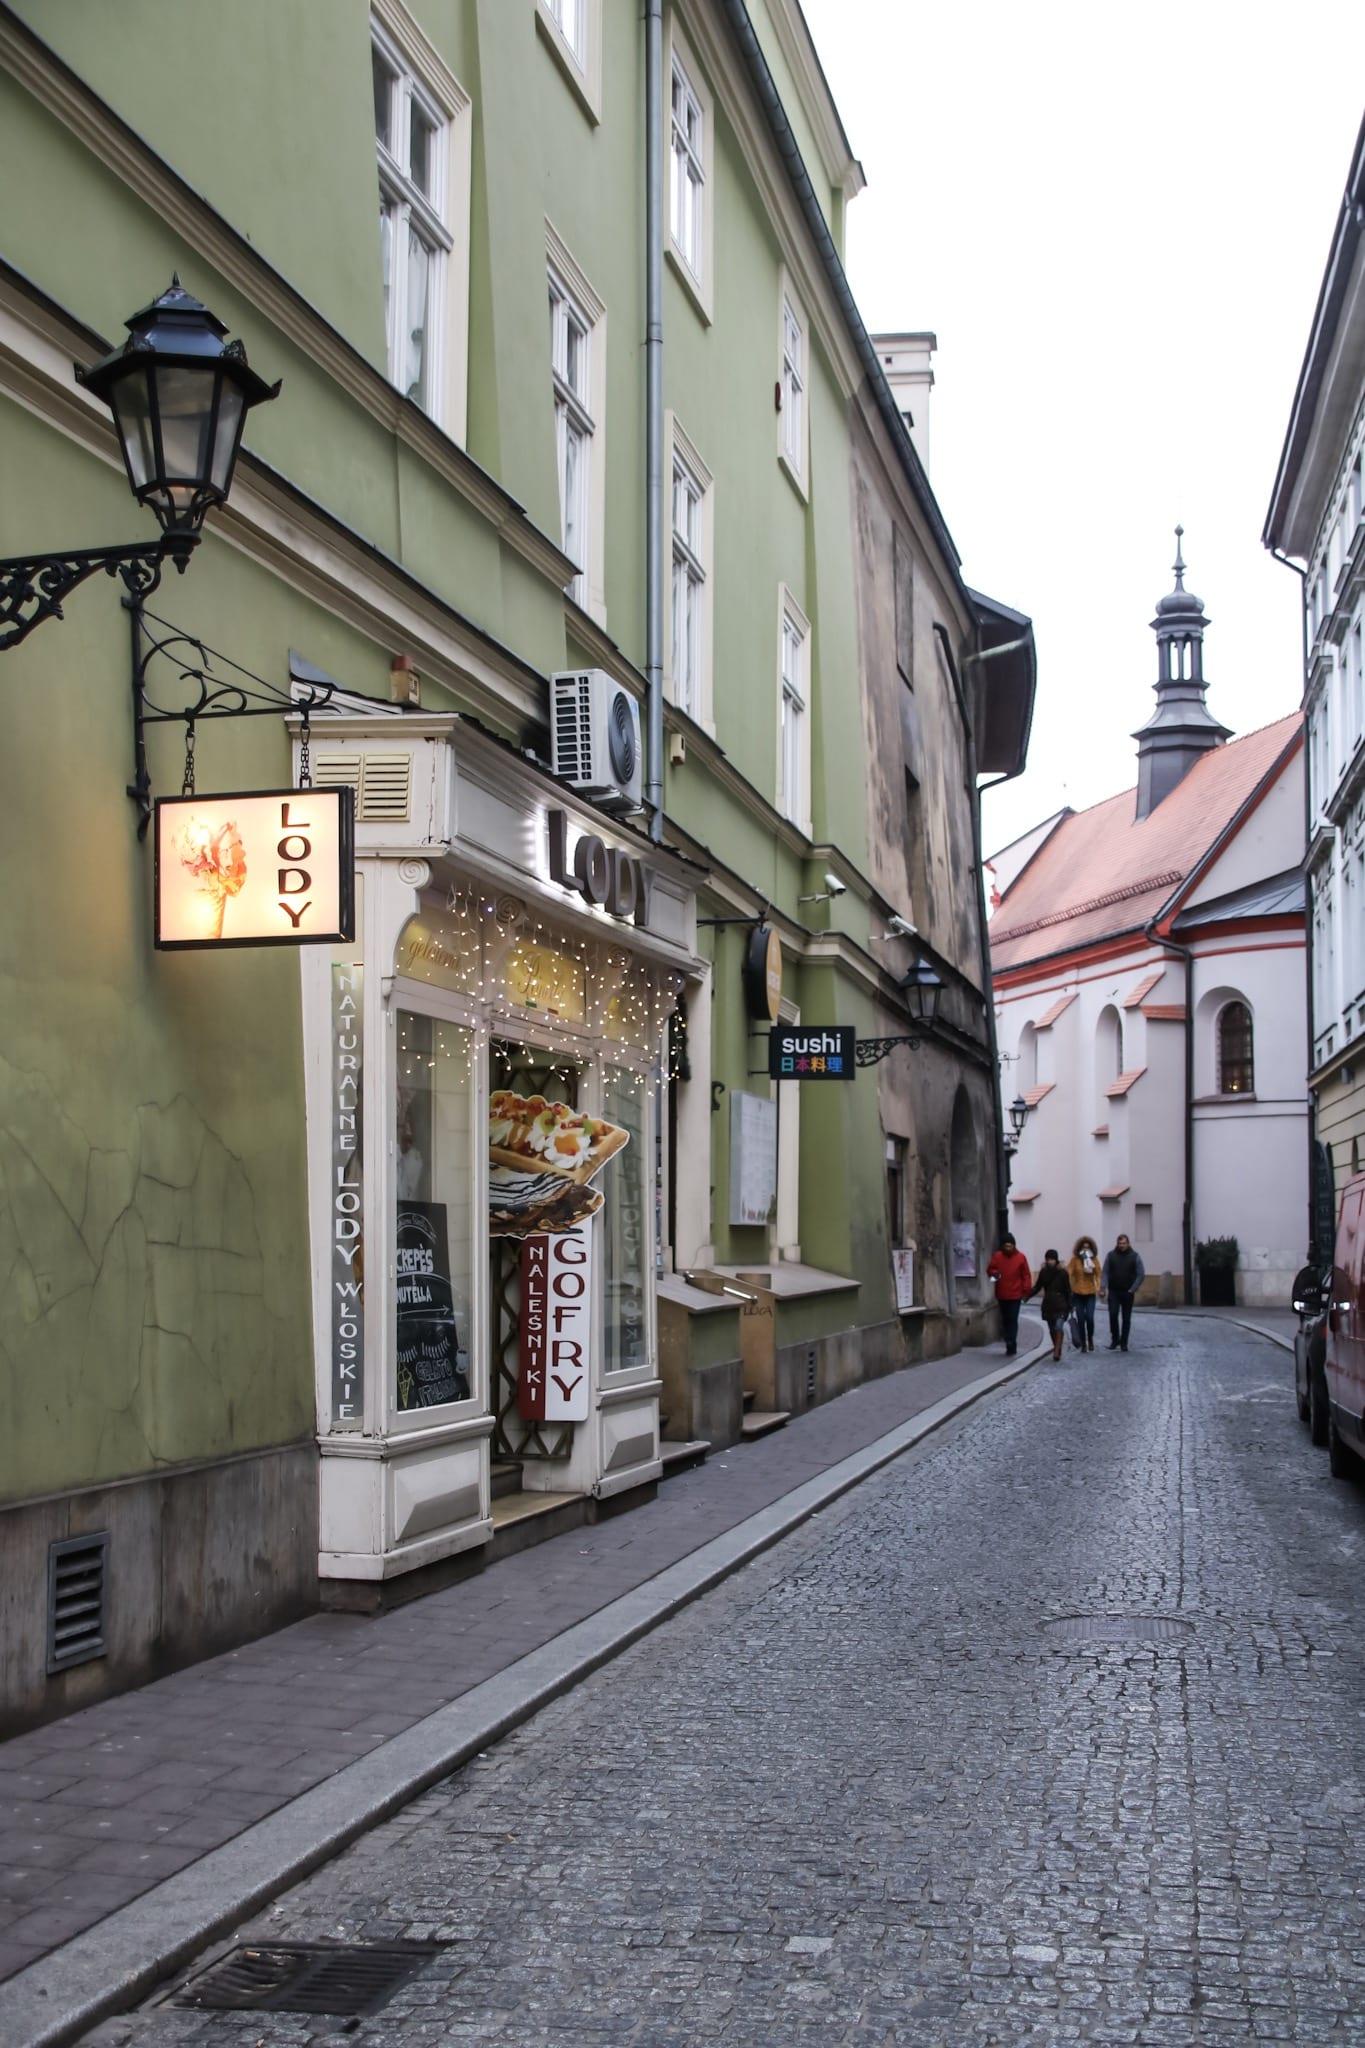 Kurztrip nach Krakau